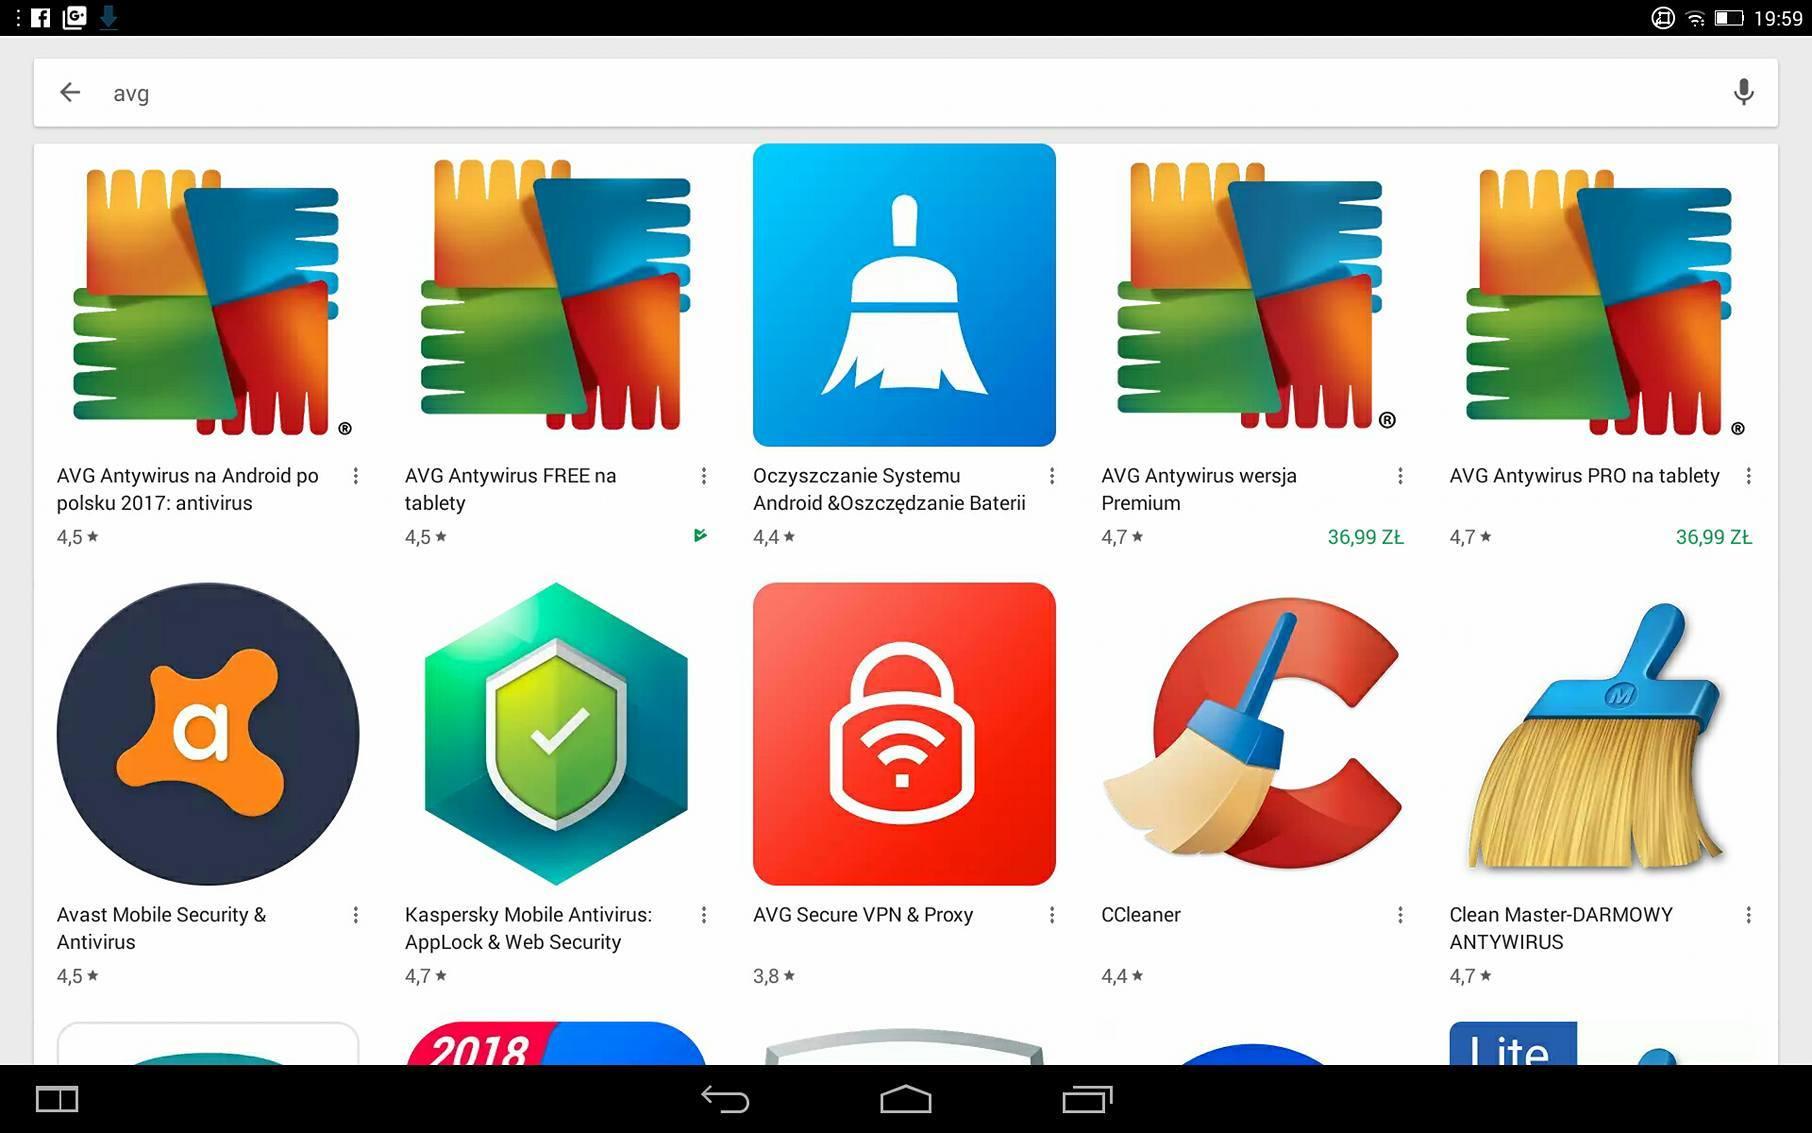 Otwieramy sklep Google Play i wpisujemy szukaną frazę - AVG